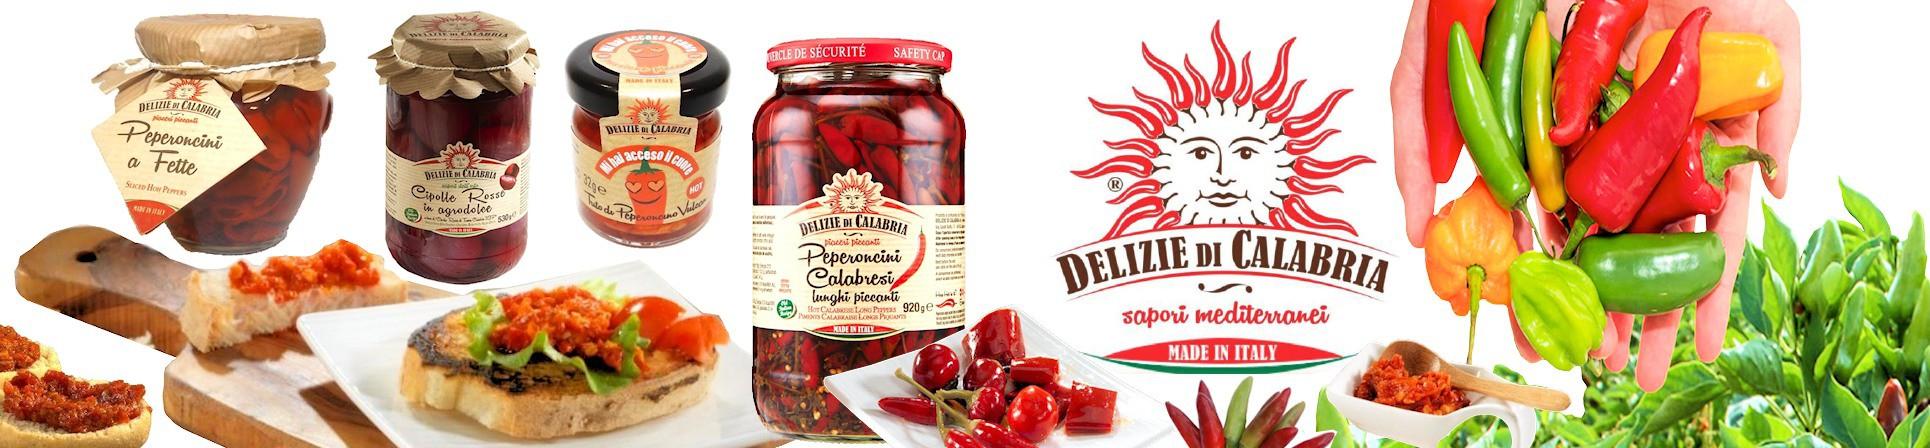 DELIZIE DI CALABRIA - Peperoncino Calabrese piccante, a fette, trito, cipolla rossa di Tropea IGP - vendita online